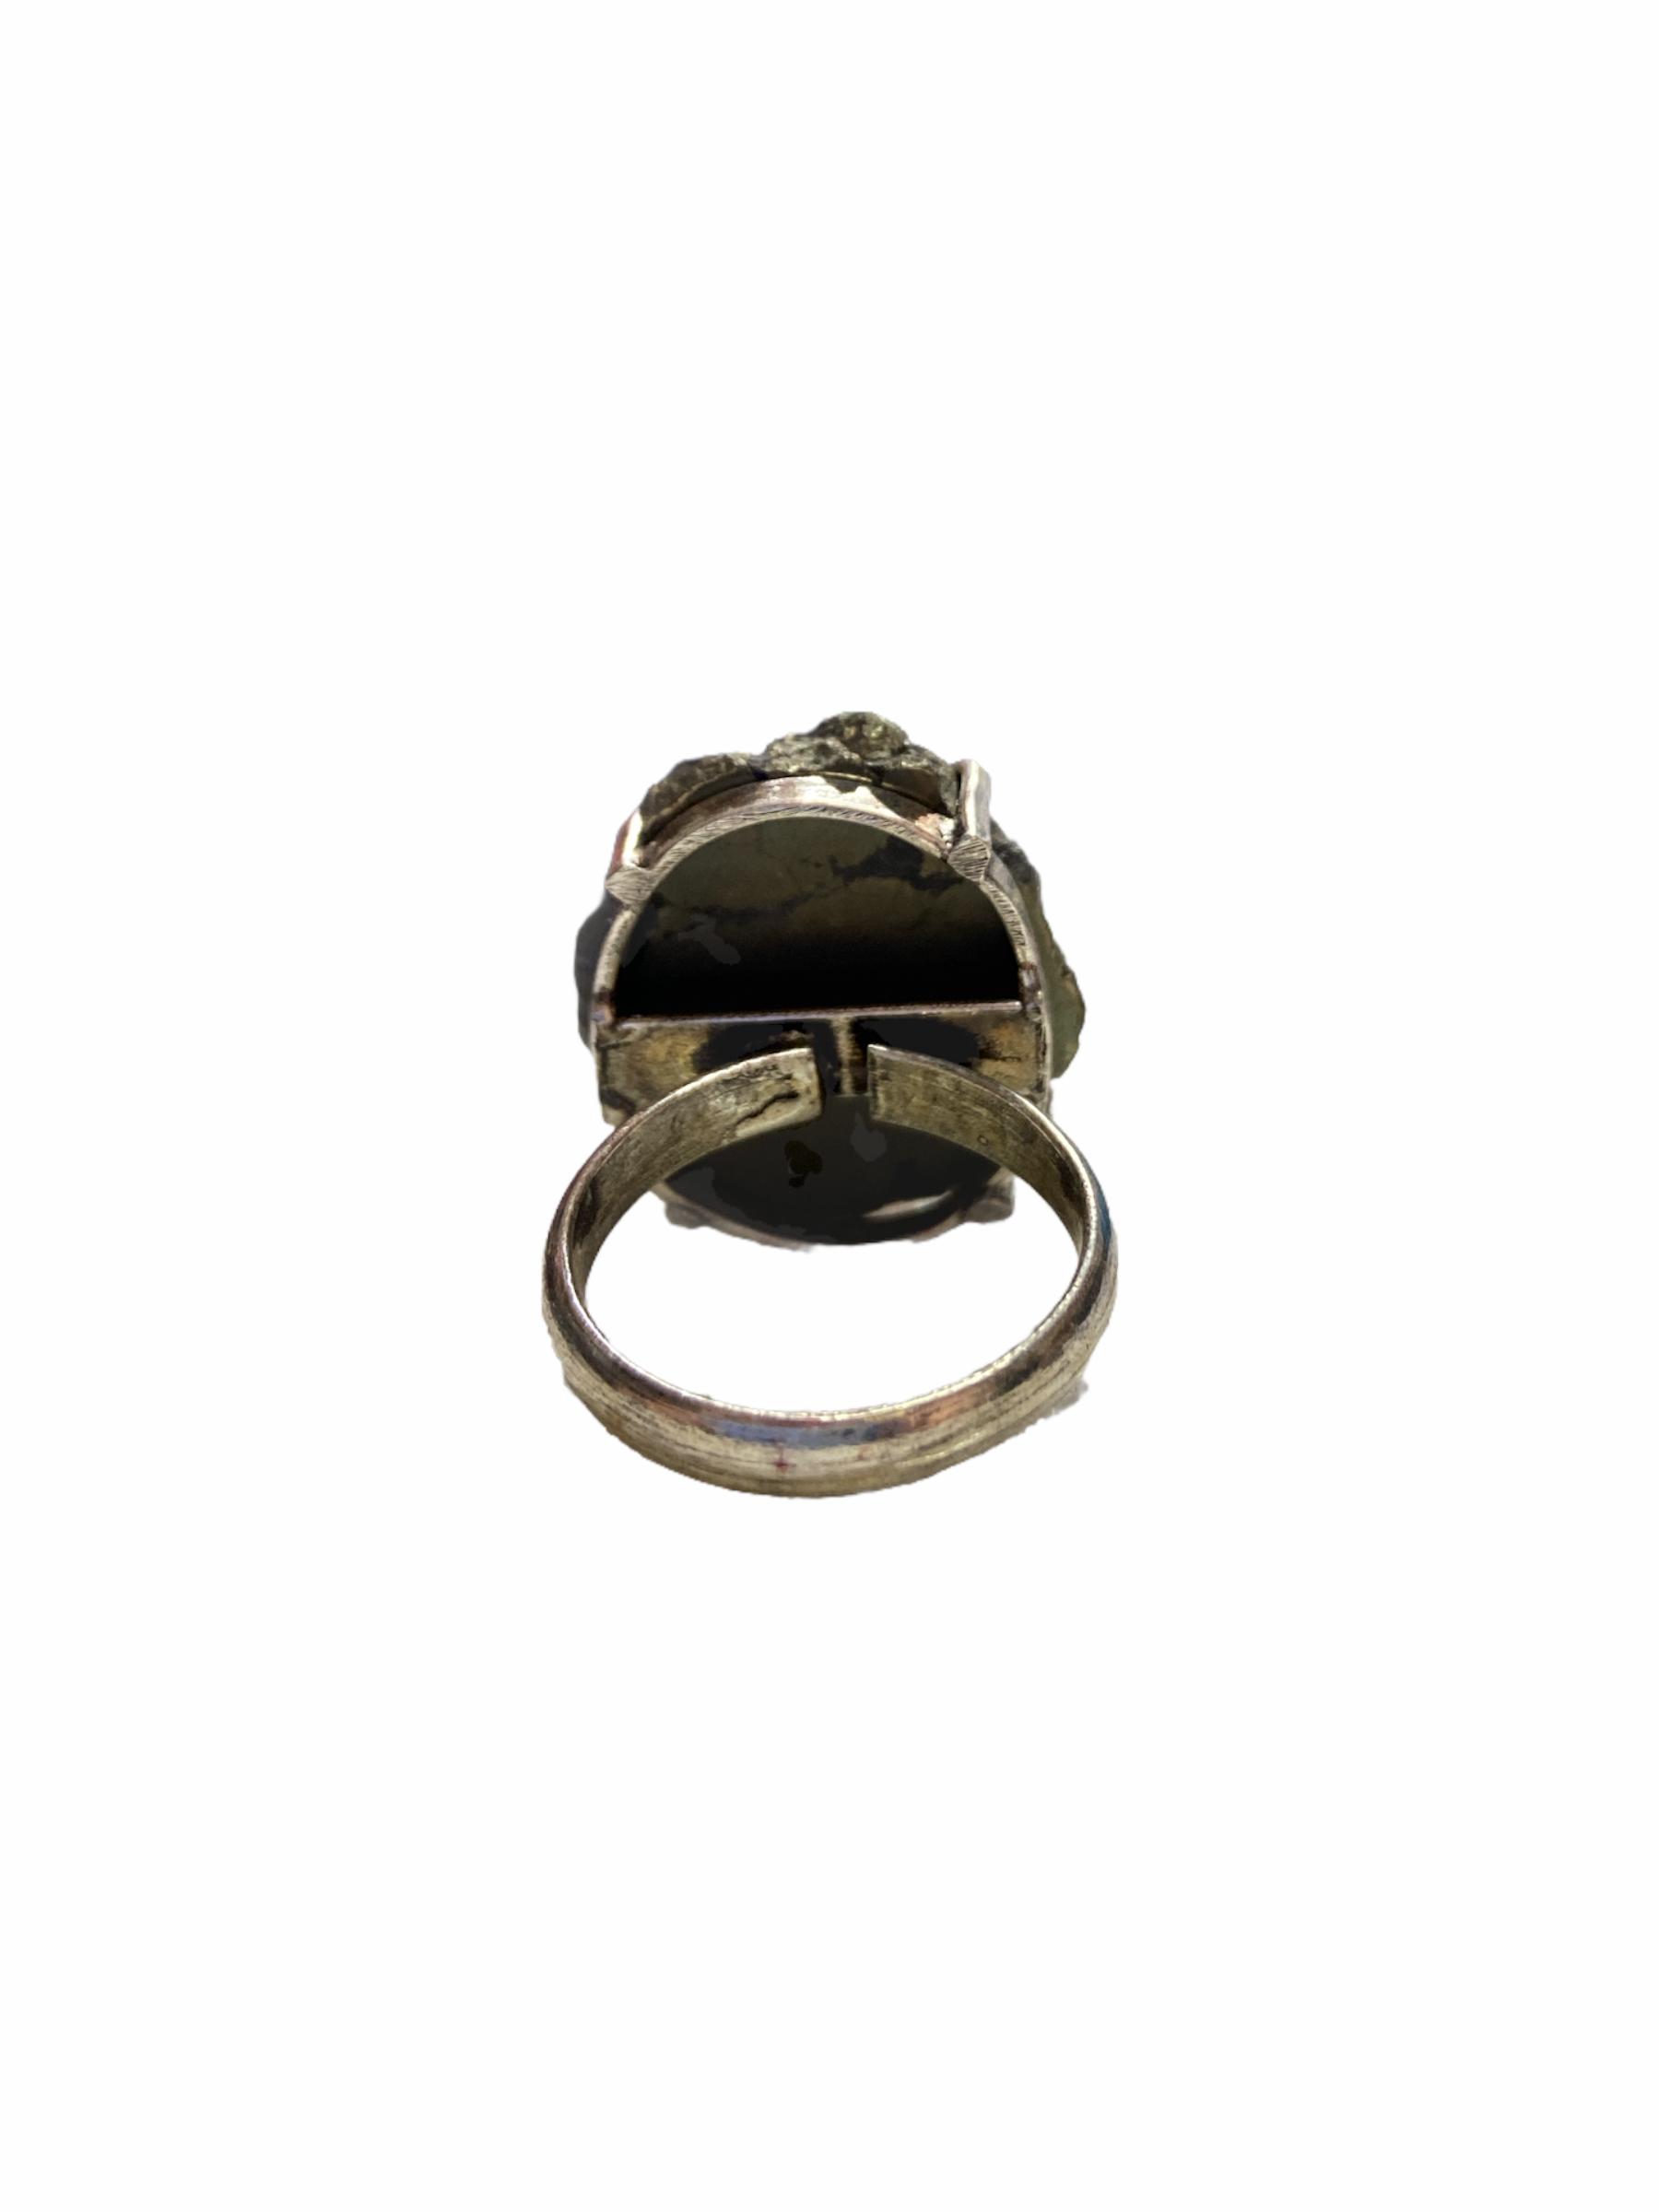 Δαχτυλίδι Χειροποίητο Με Ακατέργαστο Αιματίτης Σε Χρώμα Ασημί